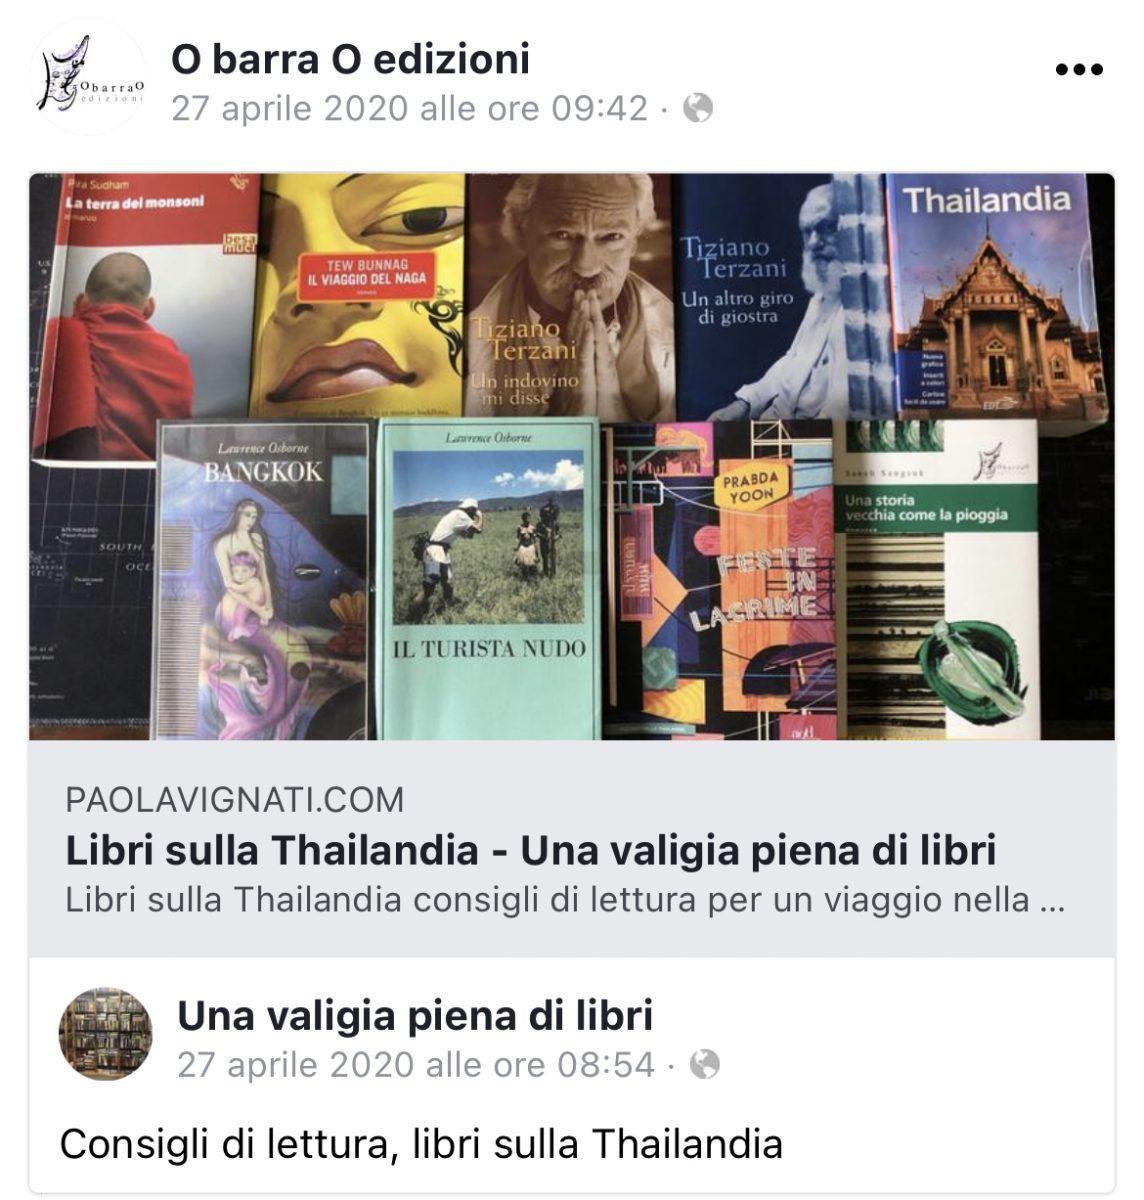 Pubblicazioni Paola Vignati